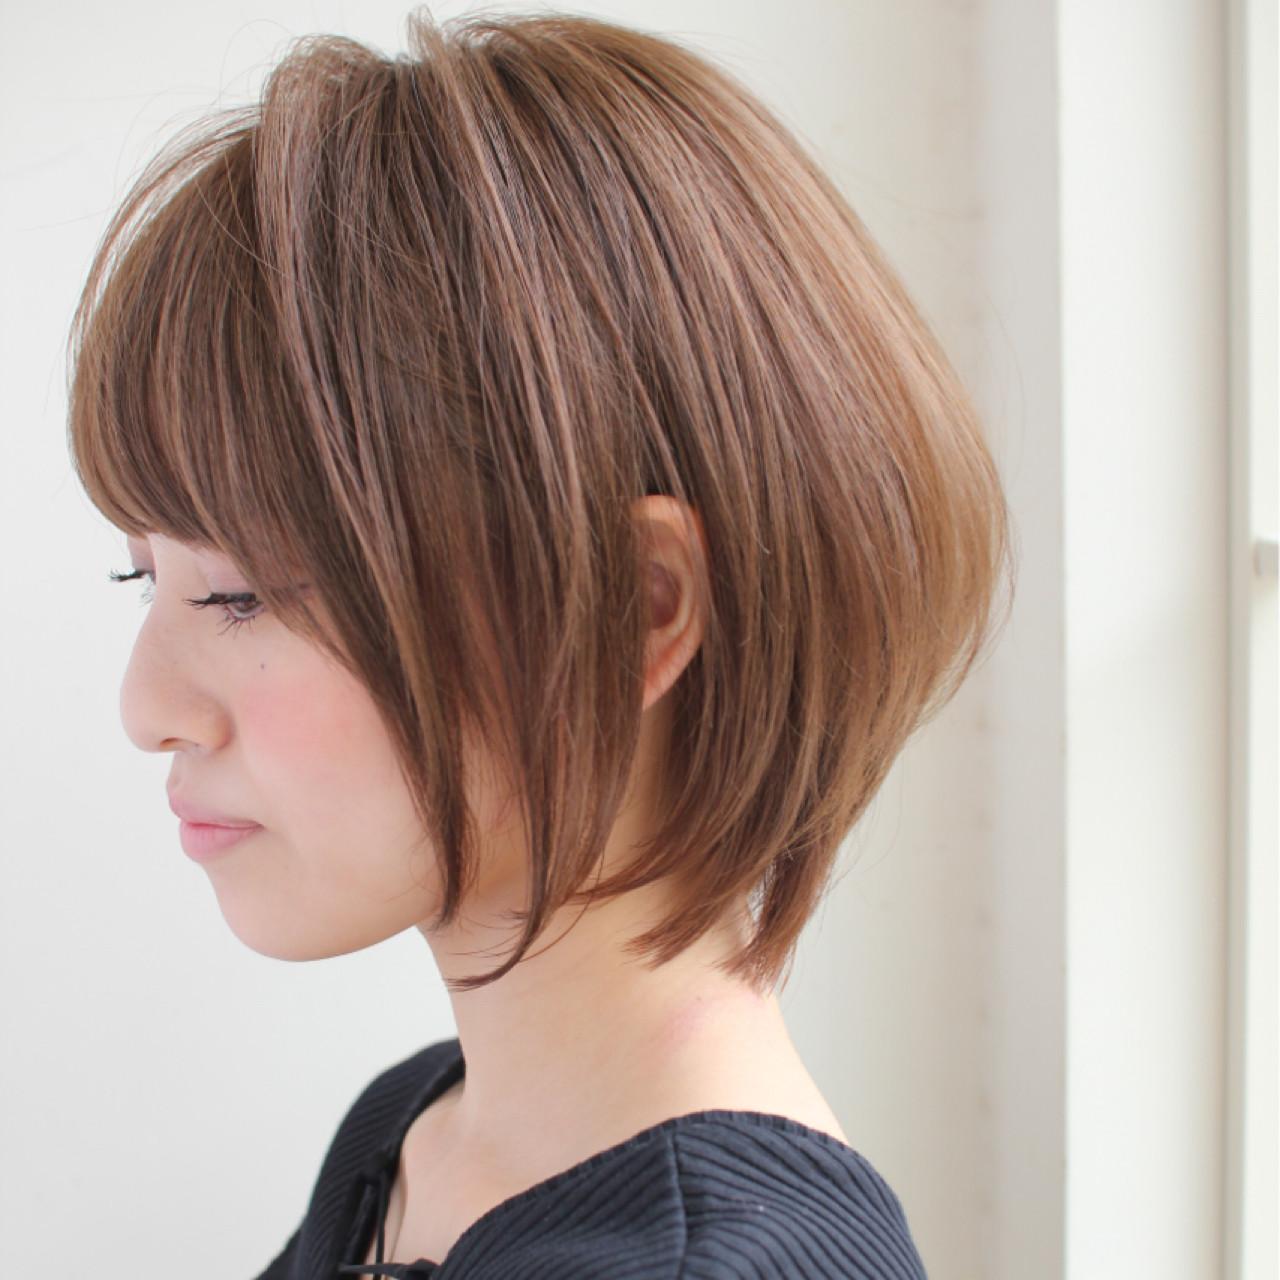 こなれ感 アウトドア ナチュラル リラックス ヘアスタイルや髪型の写真・画像 | 宮崎えりな KAYAK by HONEY / KAYAK by HONEY